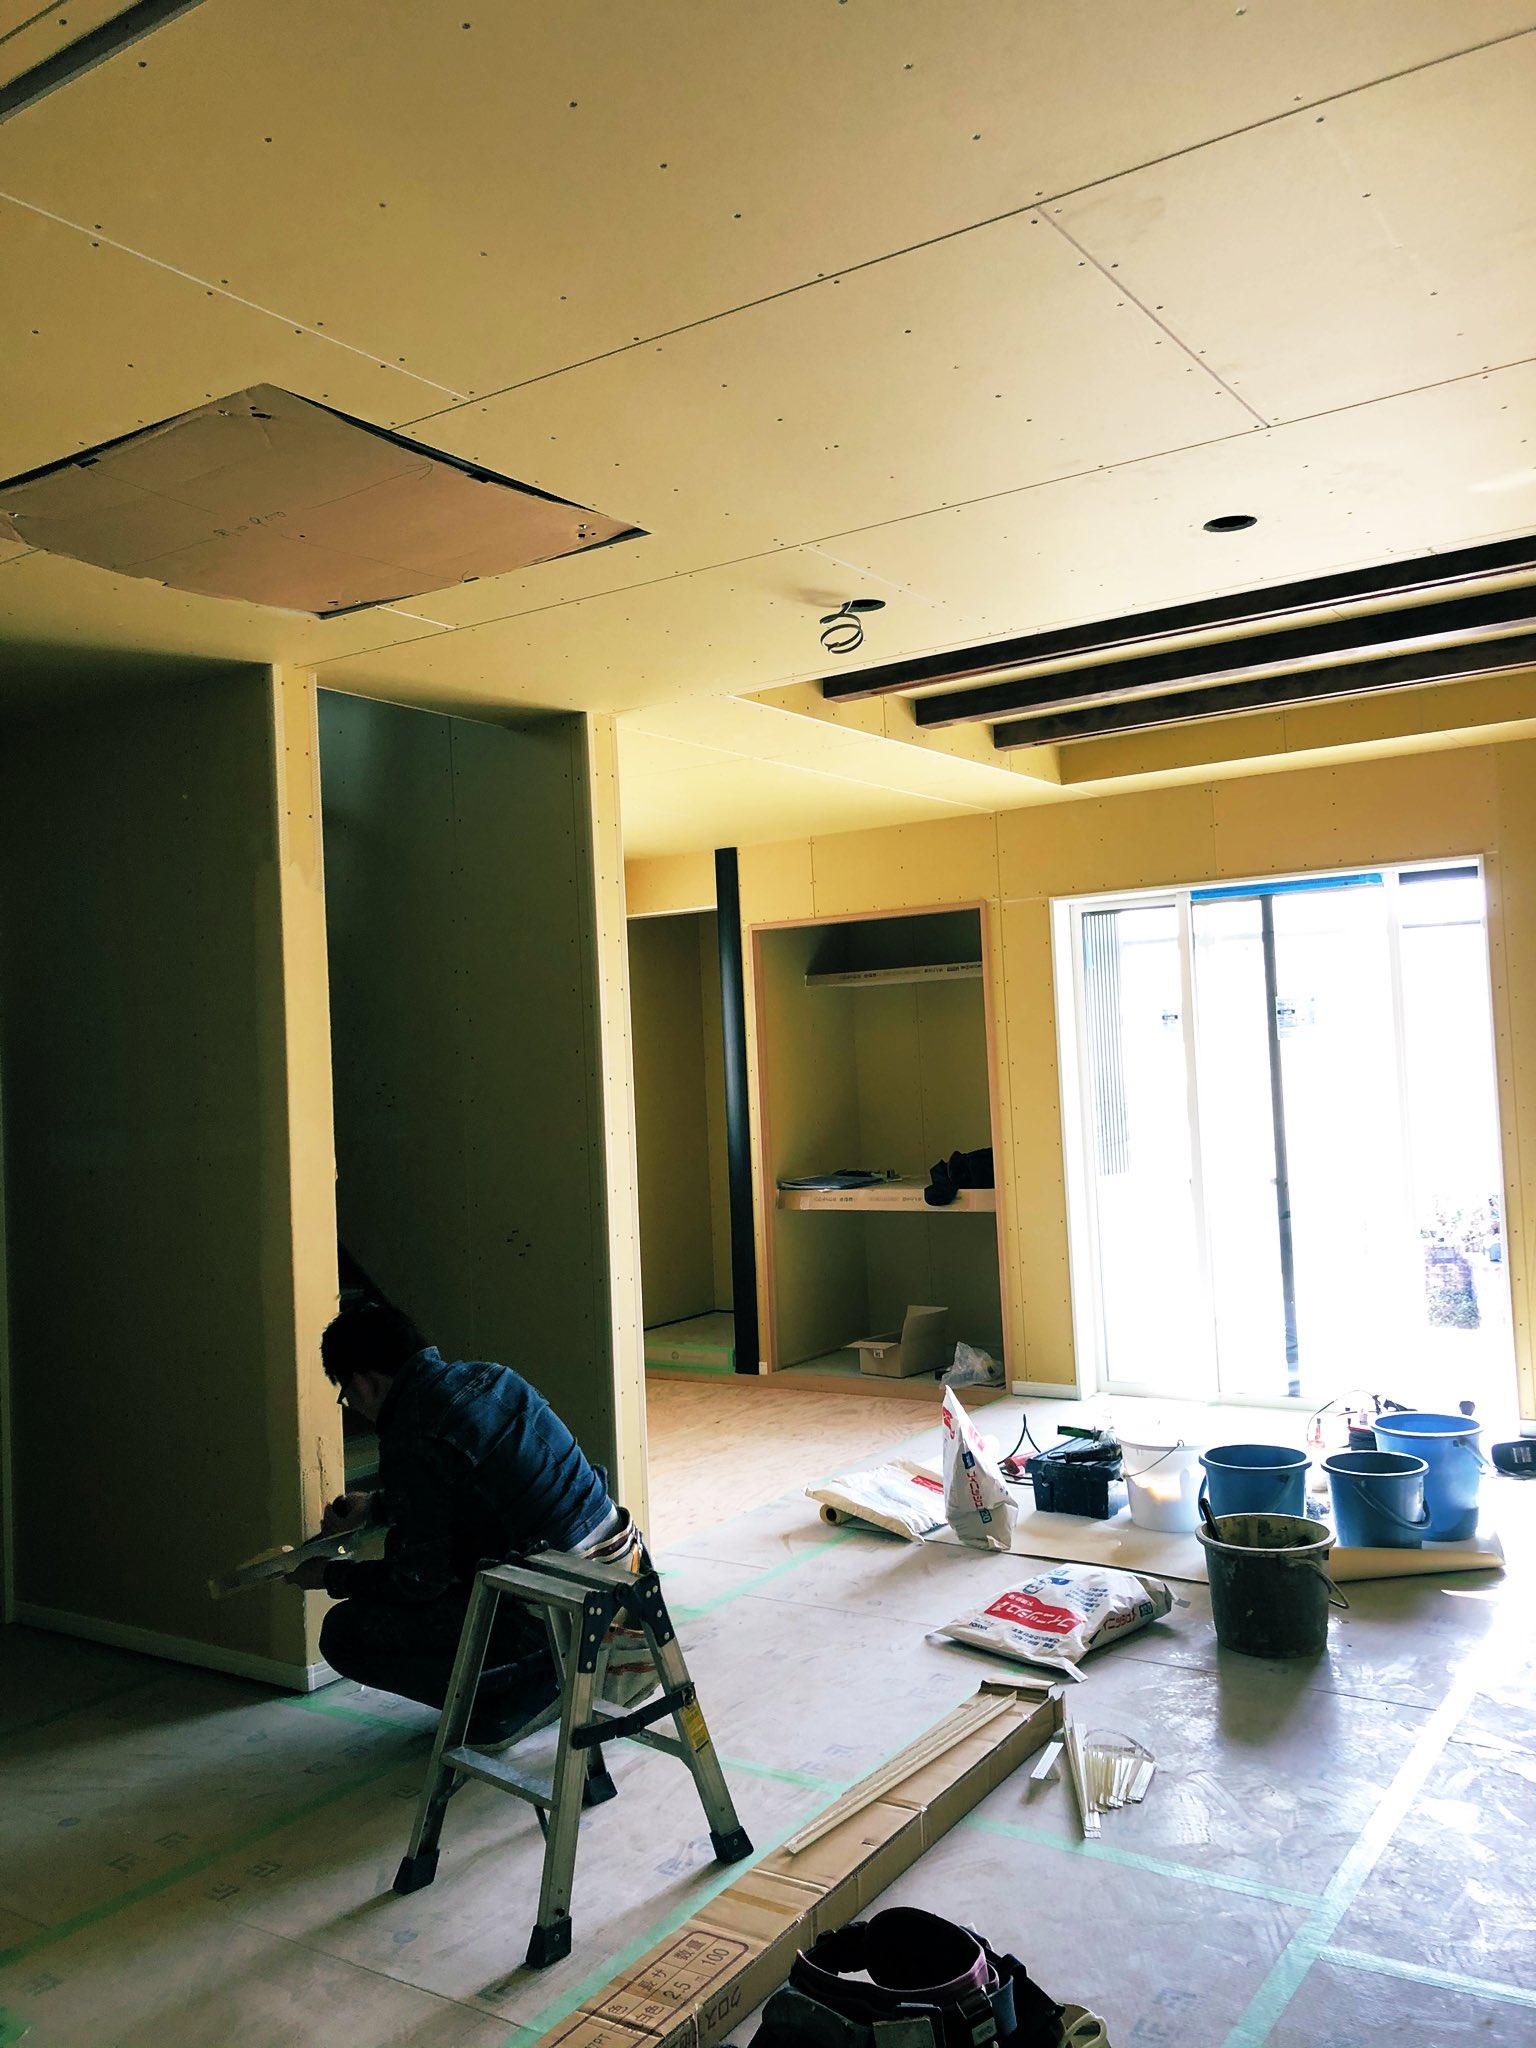 現場 足場解体 壁紙仕上げ 木製フェンス ウッドデッキへ進んでいます 完成が待ち遠しんだ 公式スタッフブログ ひまわり工房 有限会社ひまわり工房